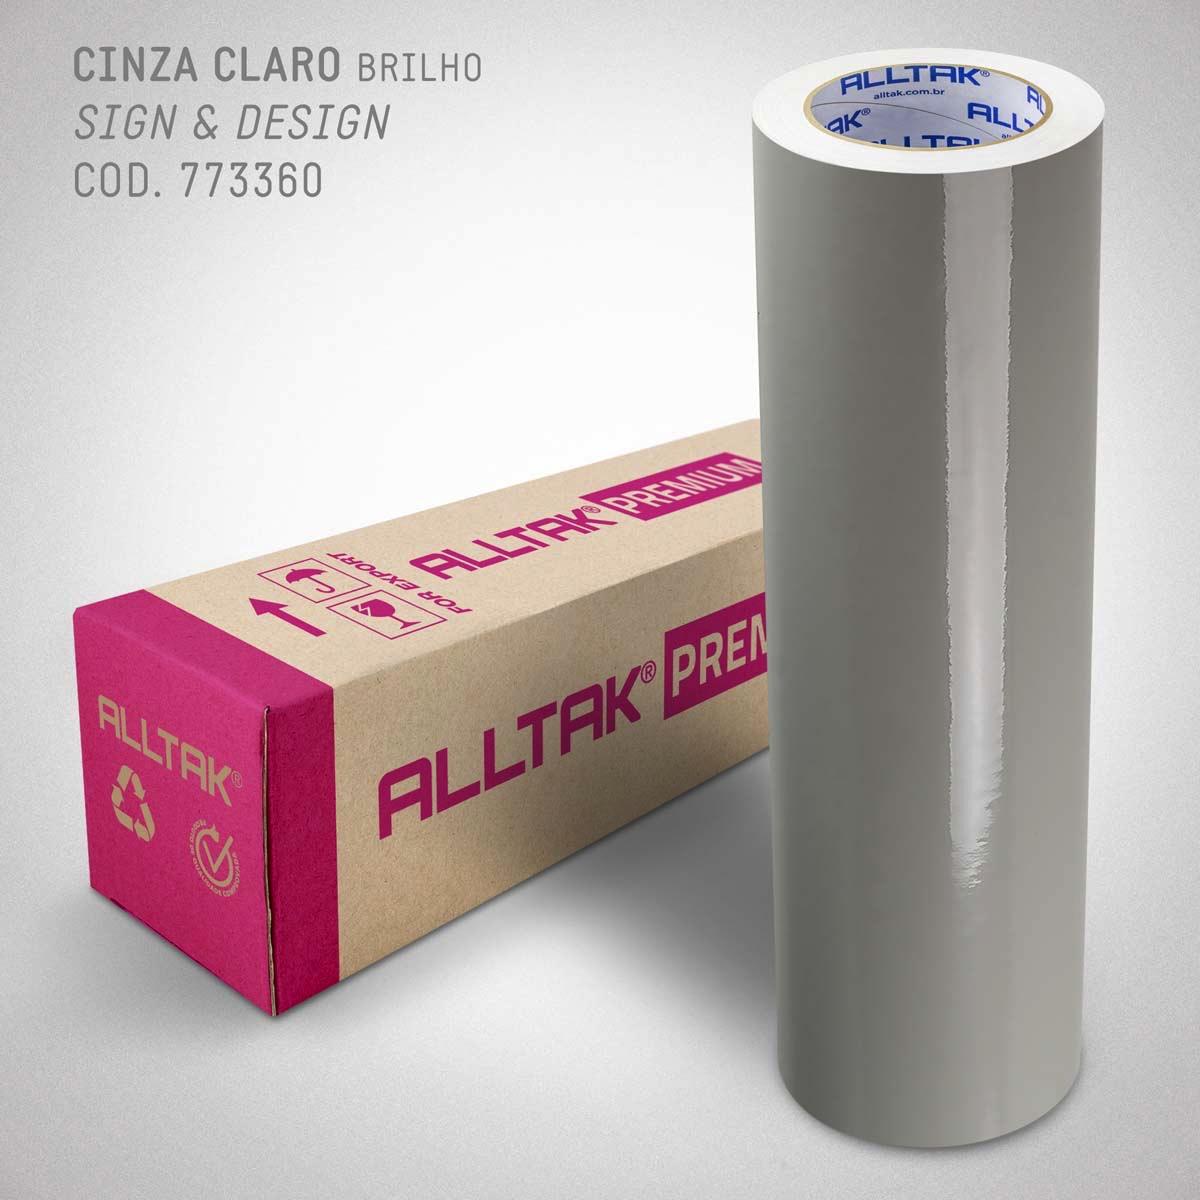 PREMIUM CINZA CLARO 0,08X1,22